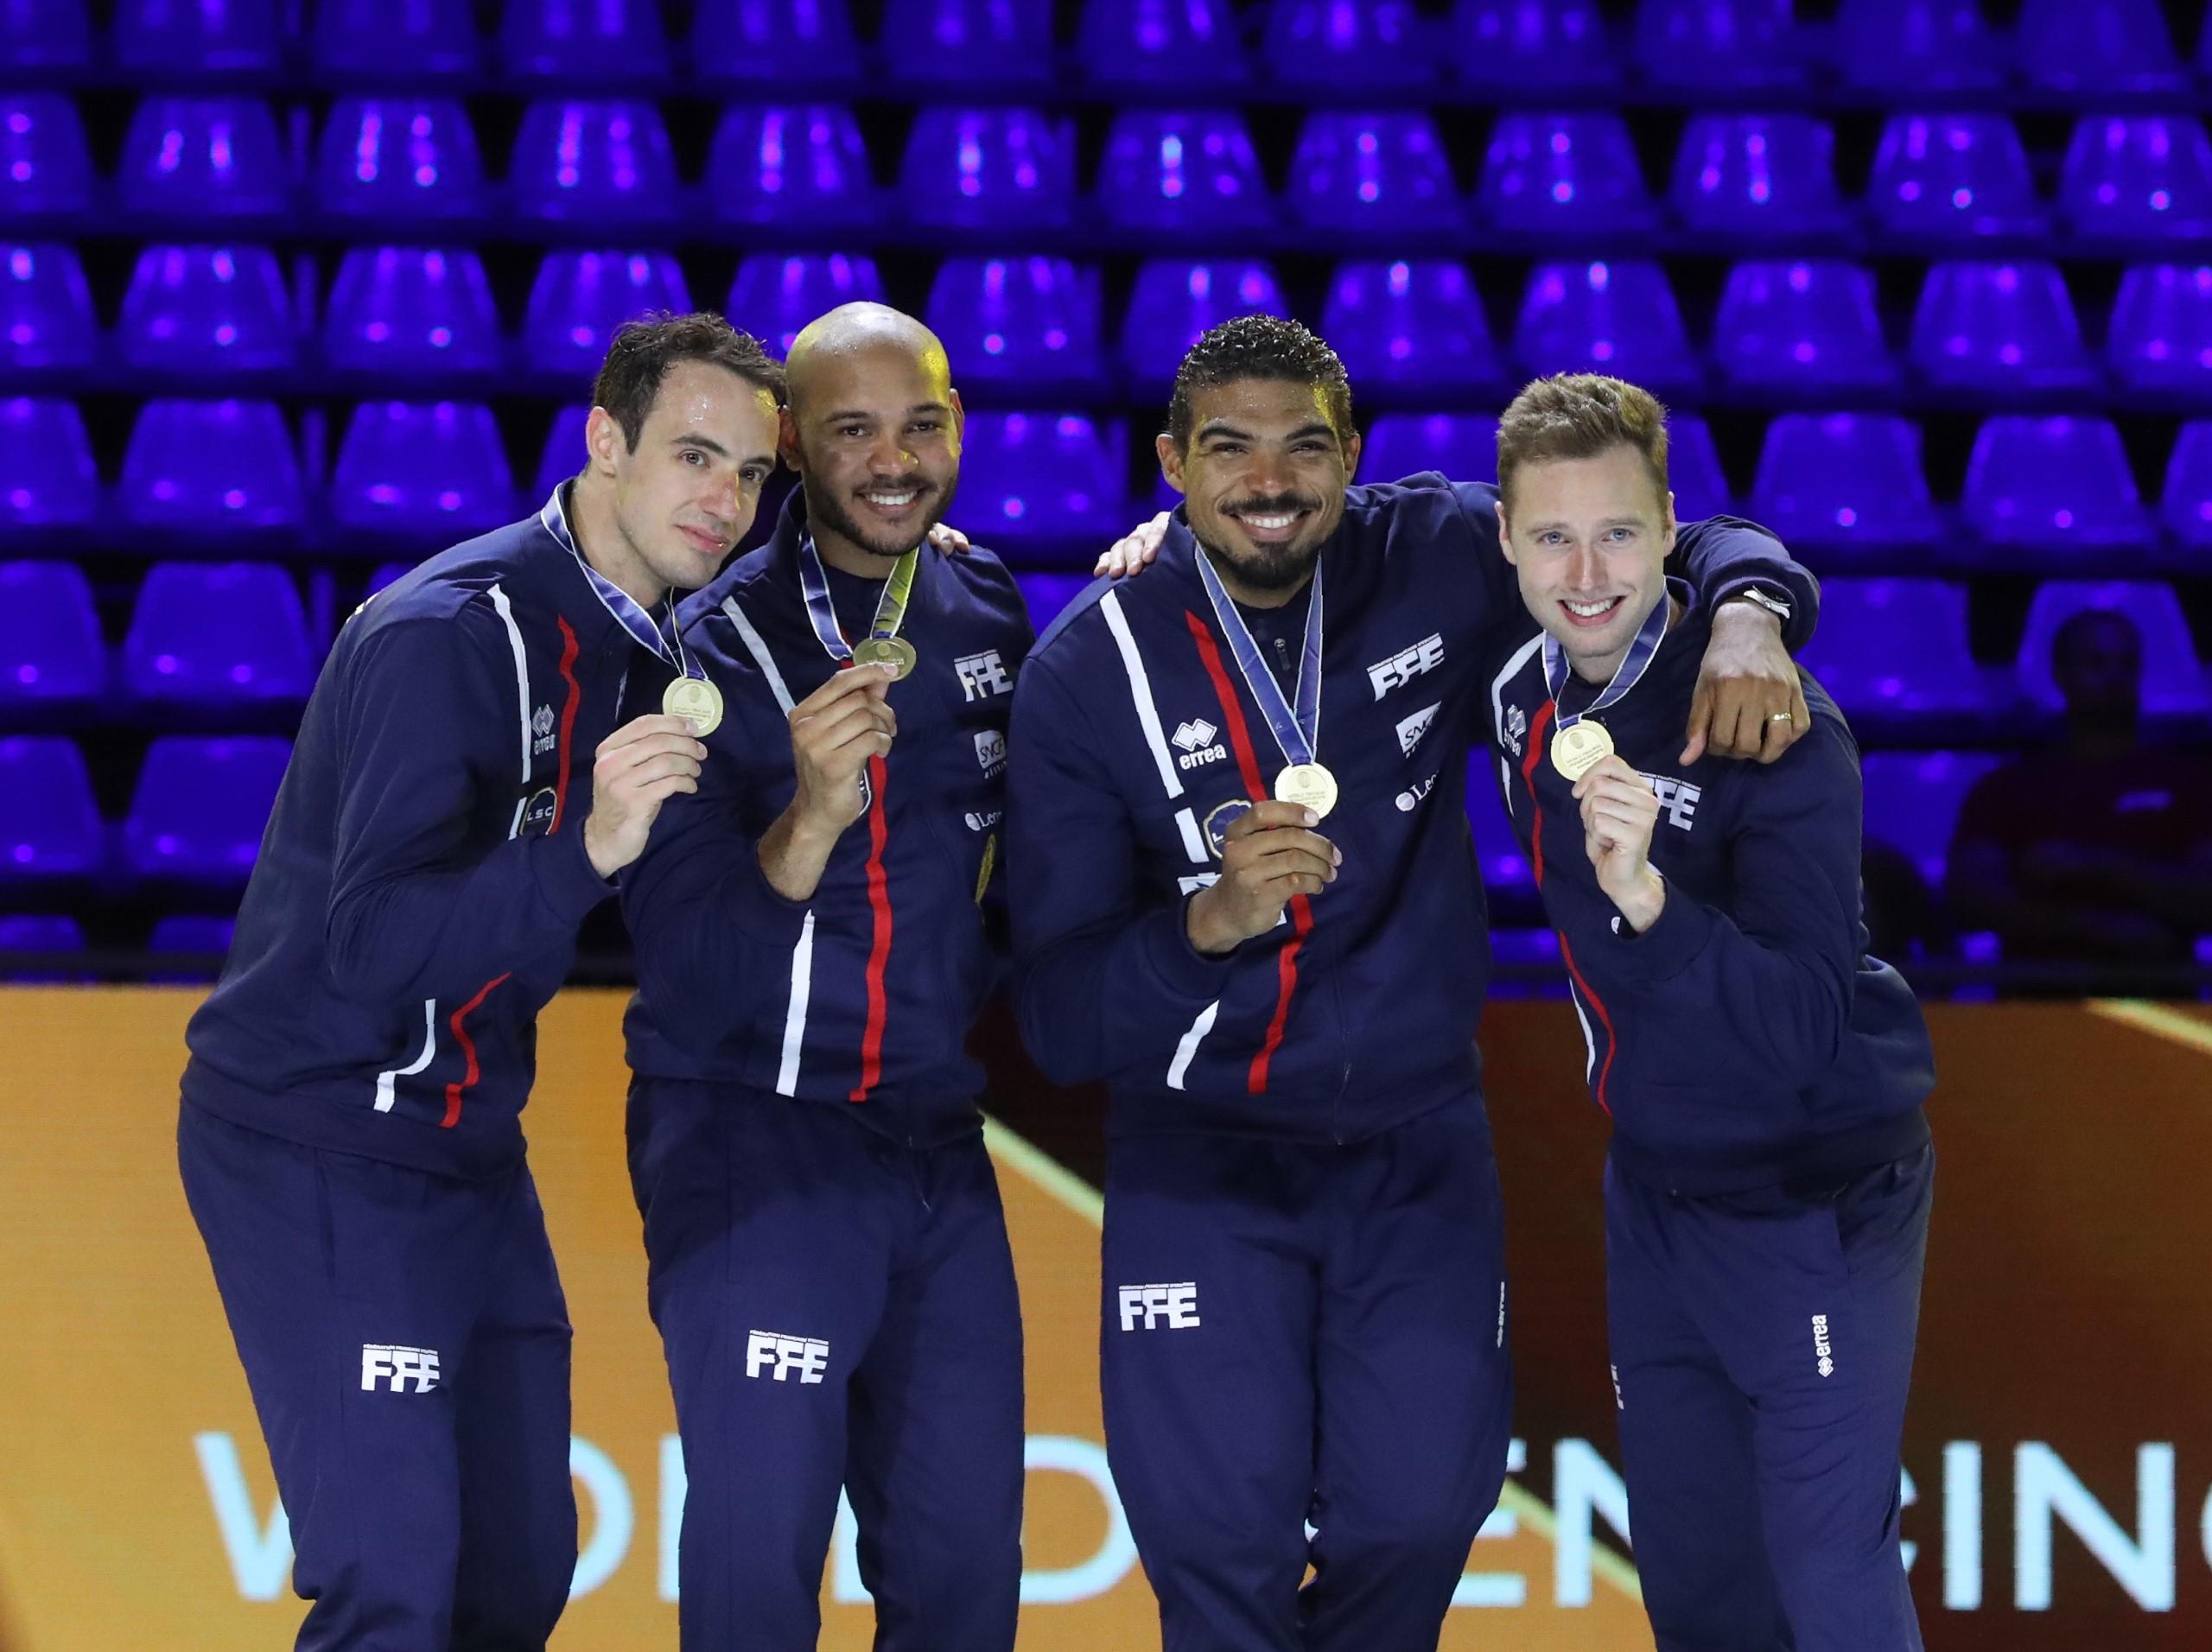 Yannick Borel, Ronan Gustin, Daniel Jerent, Alexandre Bardenet remportent la médaille d'or